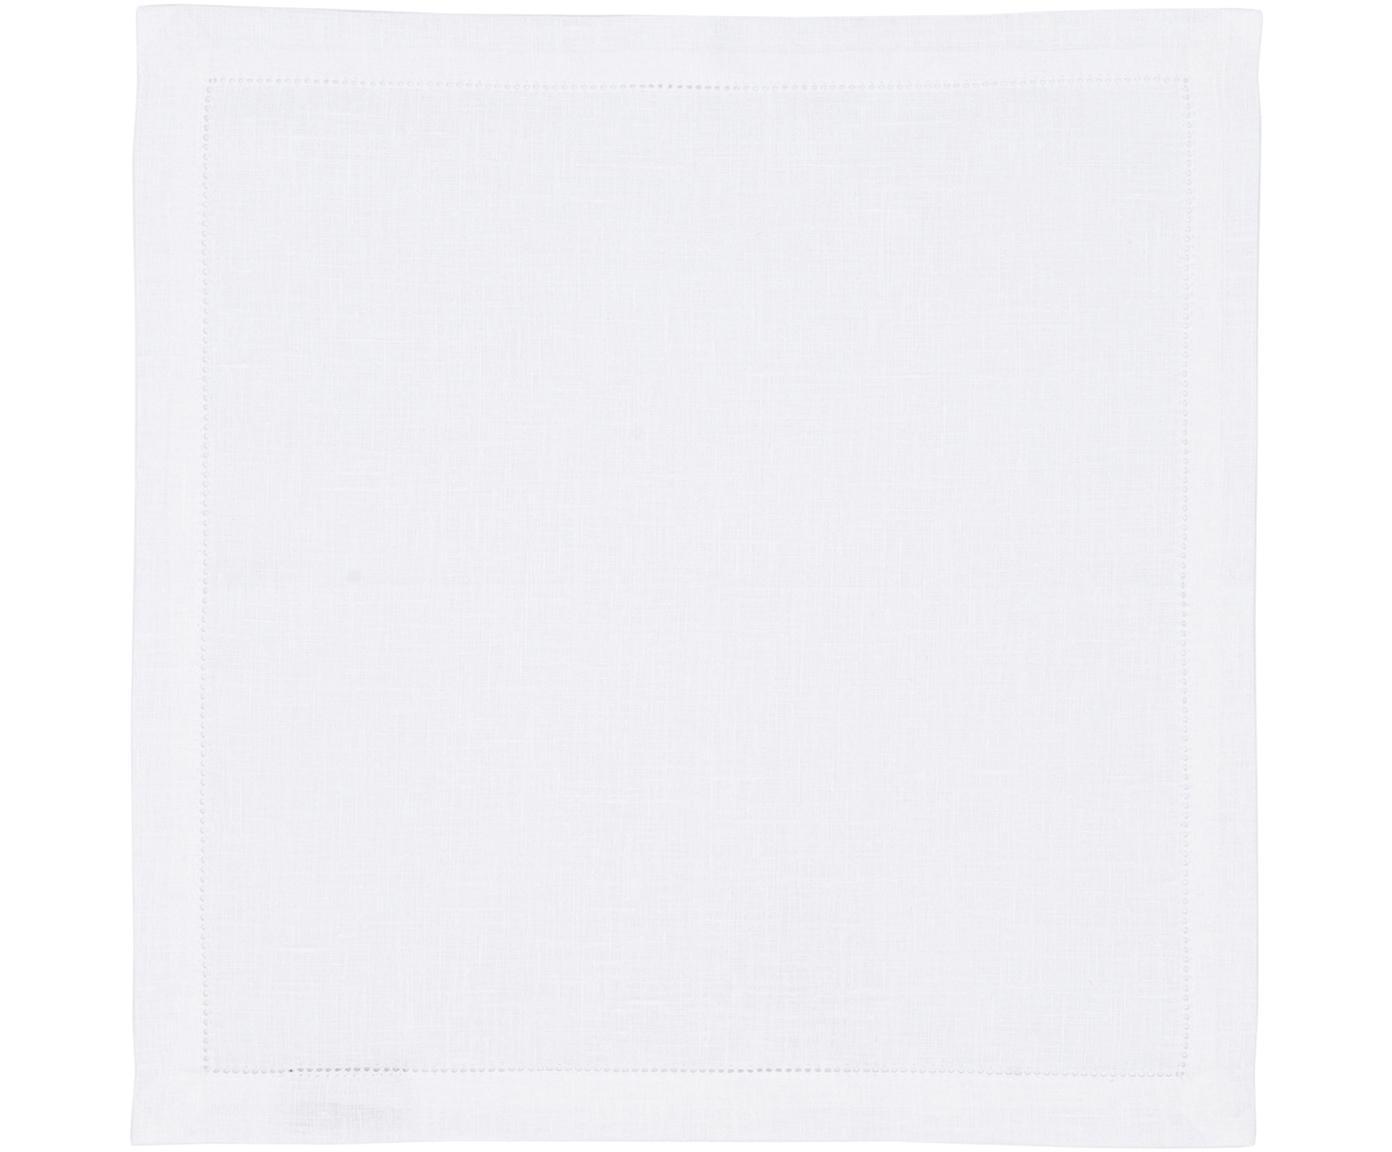 Leinen-Servietten Alanta mit Hohlsaum, 6 Stück, Schneeweiß, 42 x 42 cm